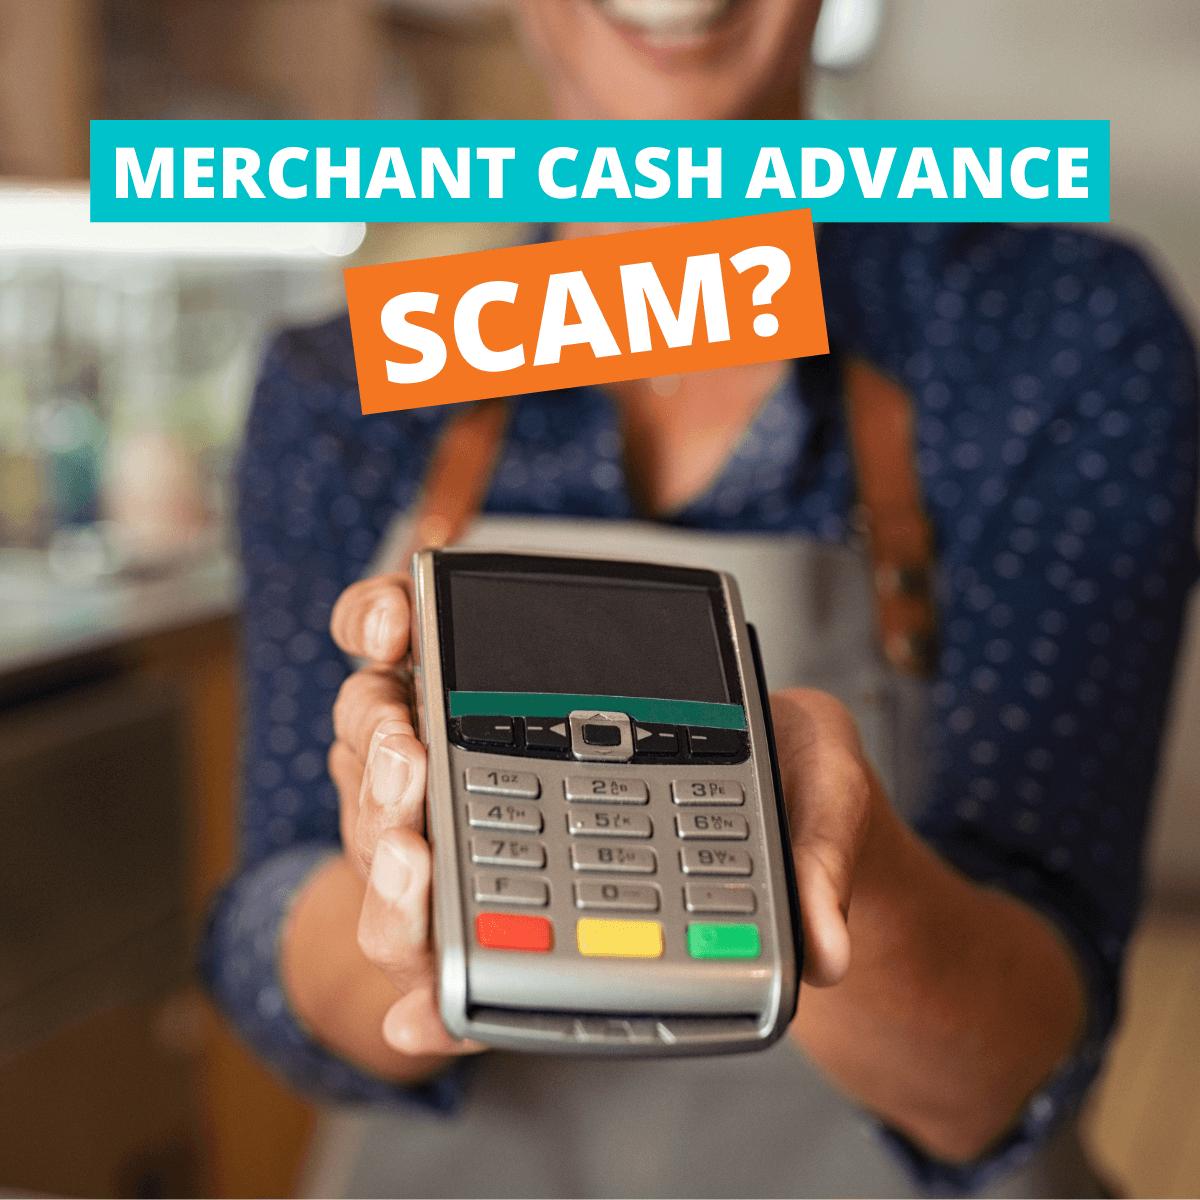 Are Merchant Cash Advances a Scam?